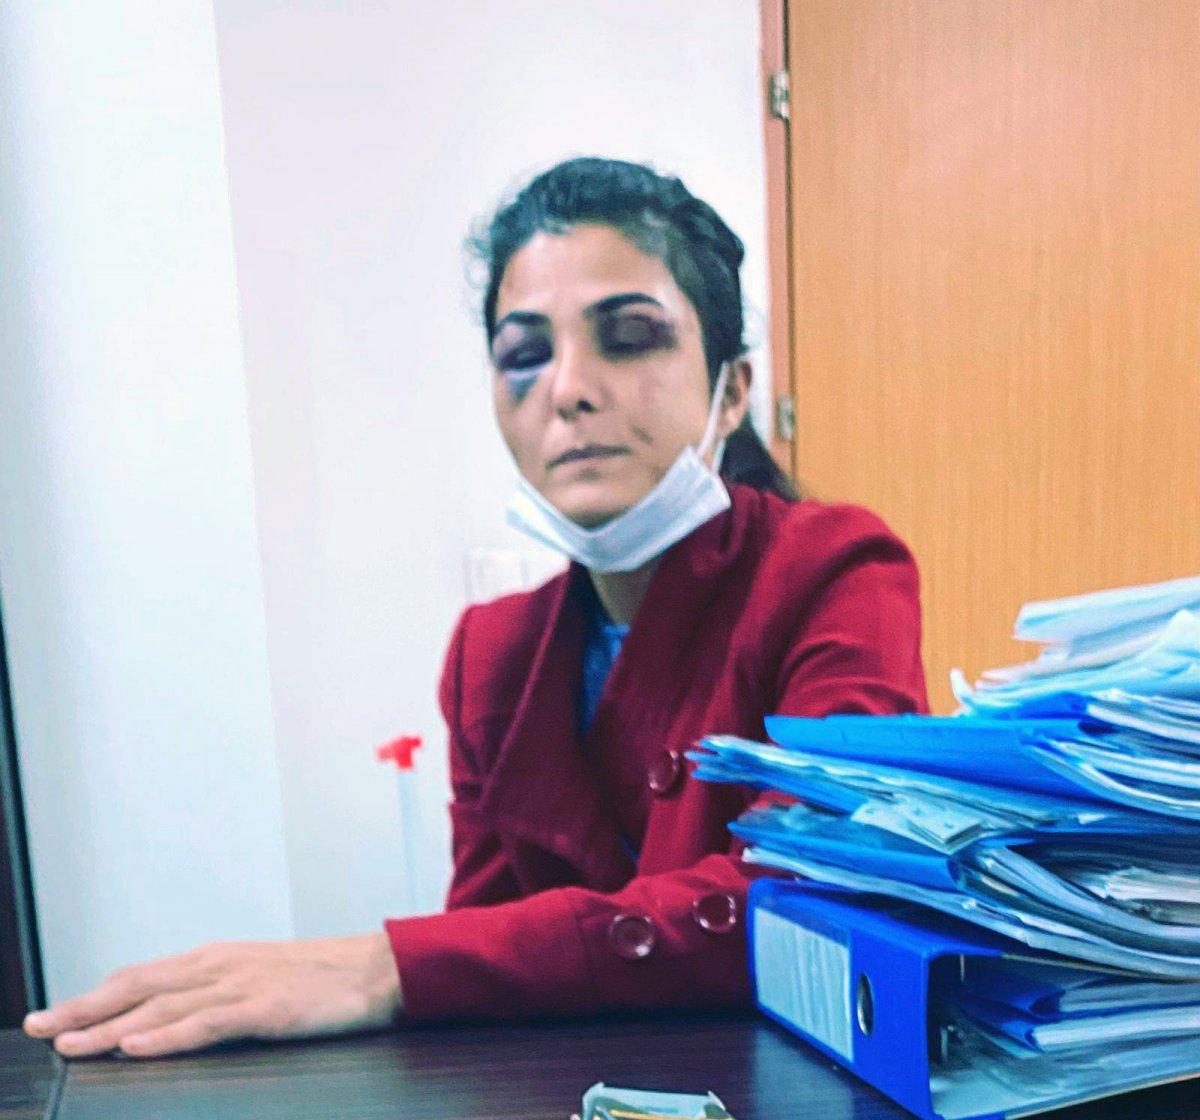 Antalya da eşini öldüren Melek İpek in küçük kızı mahkeme konuştu #2